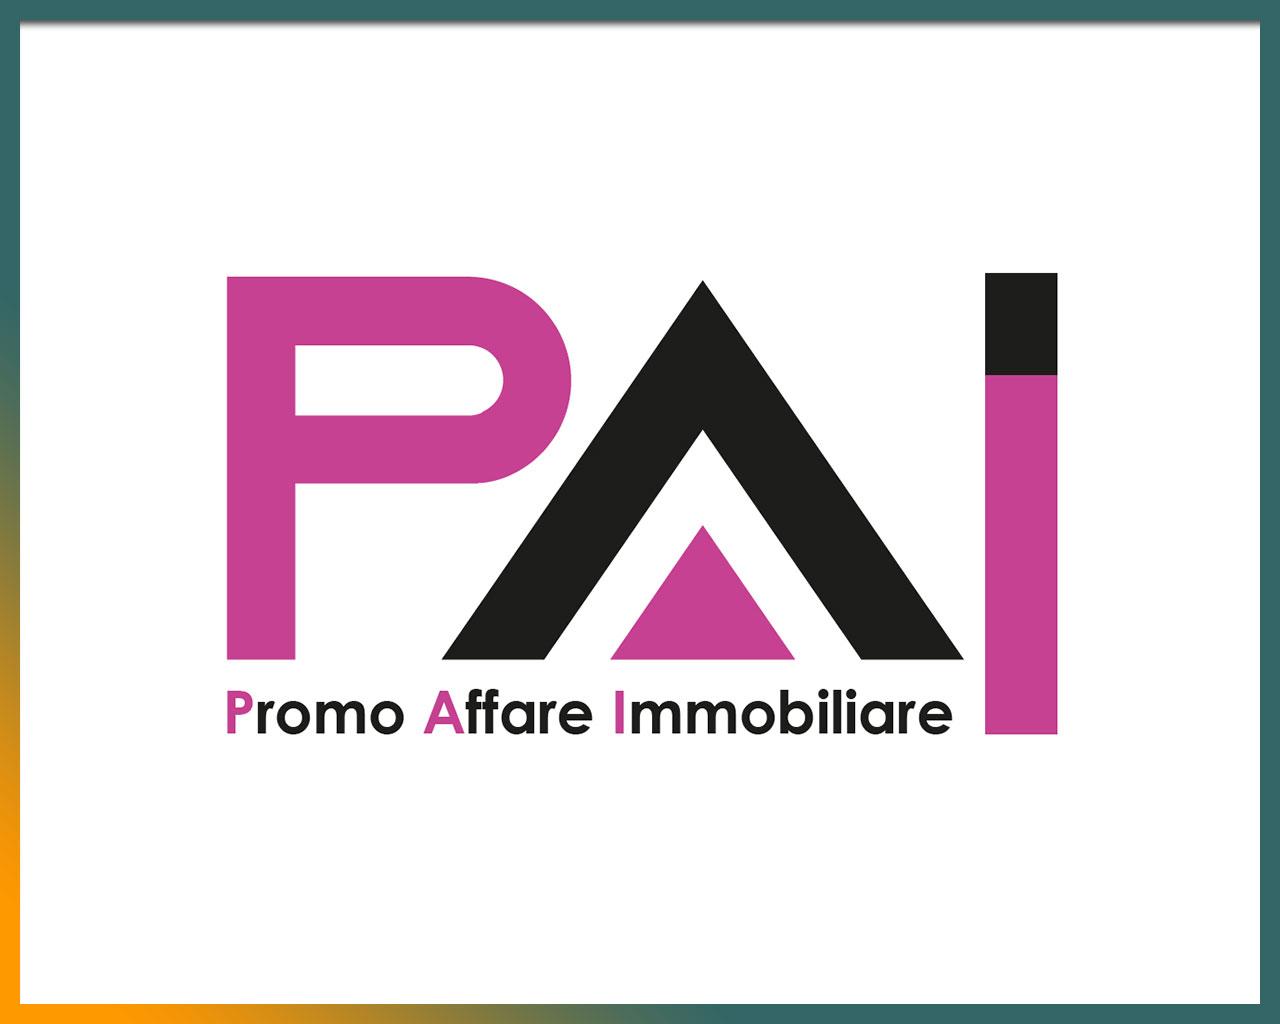 Logo Promo Affare Immobiliare - Portfolio Gallesio